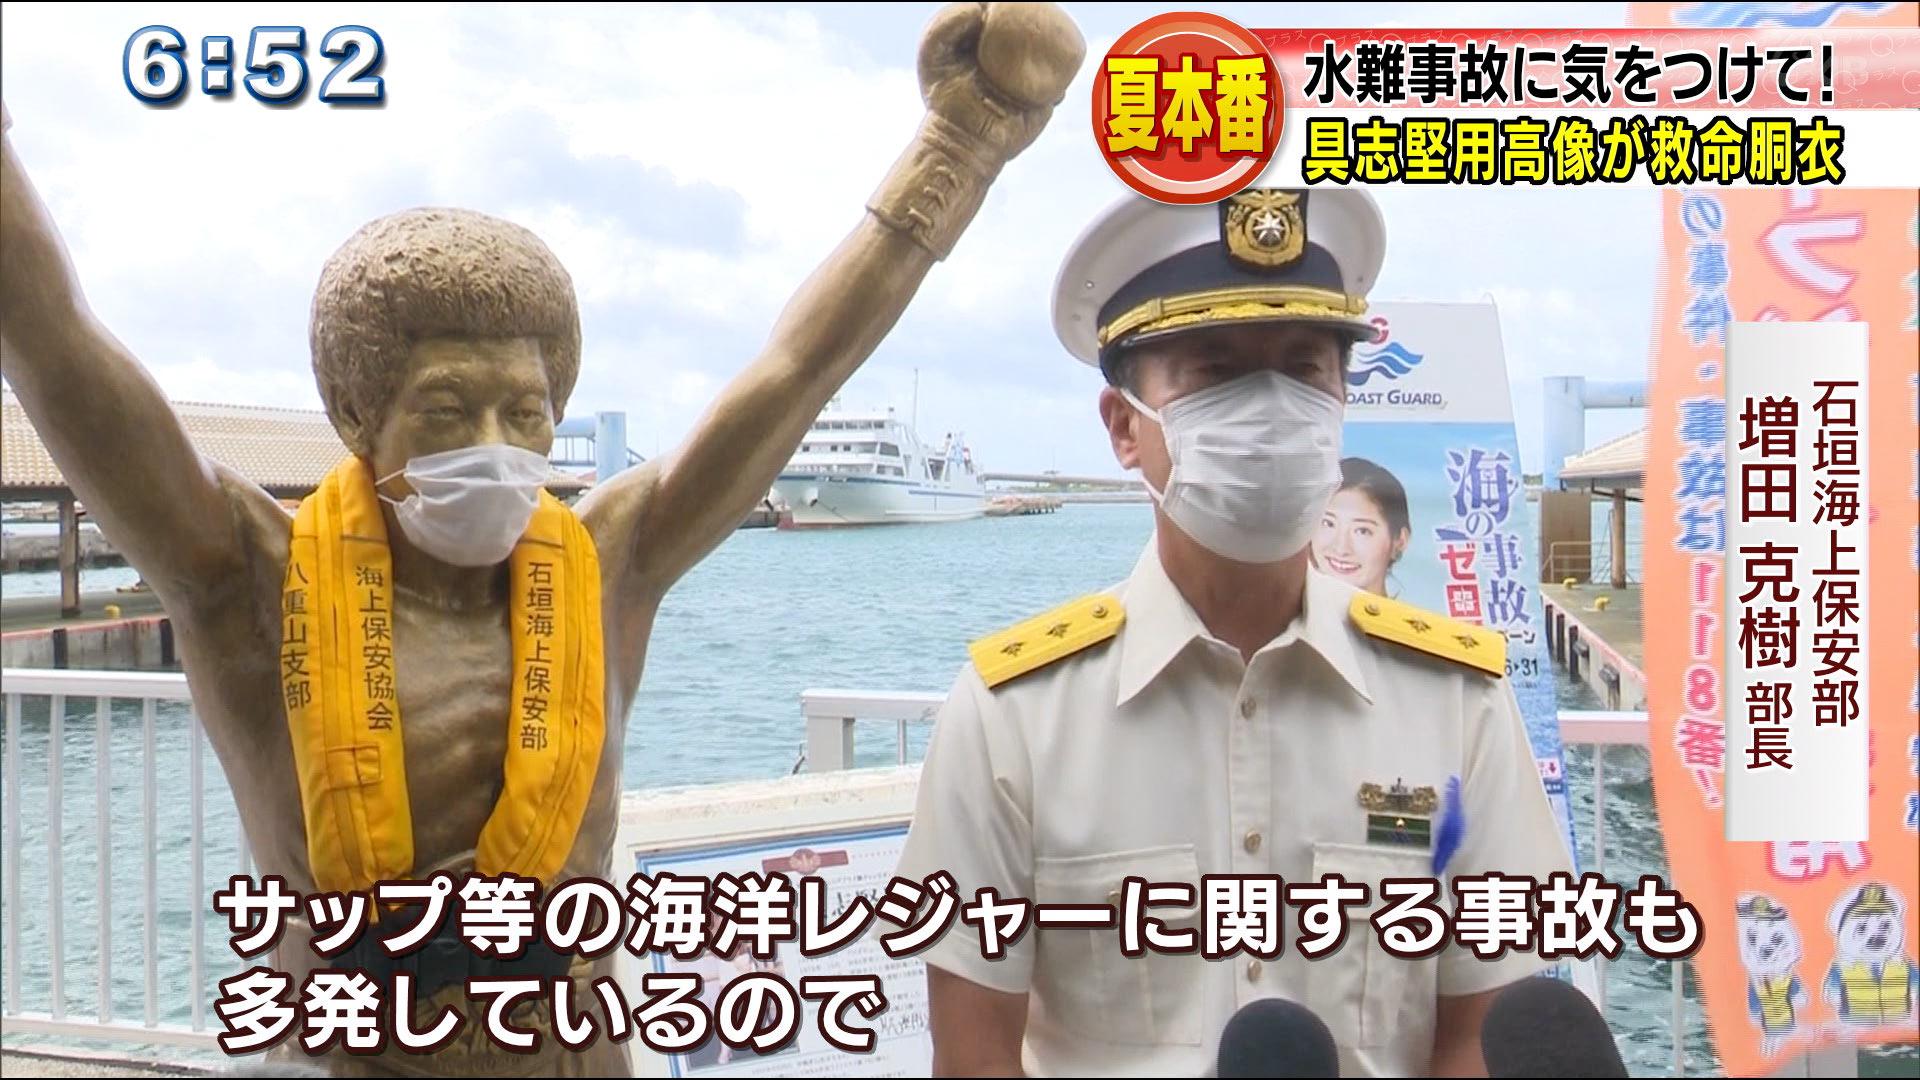 島の英雄が注意喚起 具志堅用高像に救命胴衣